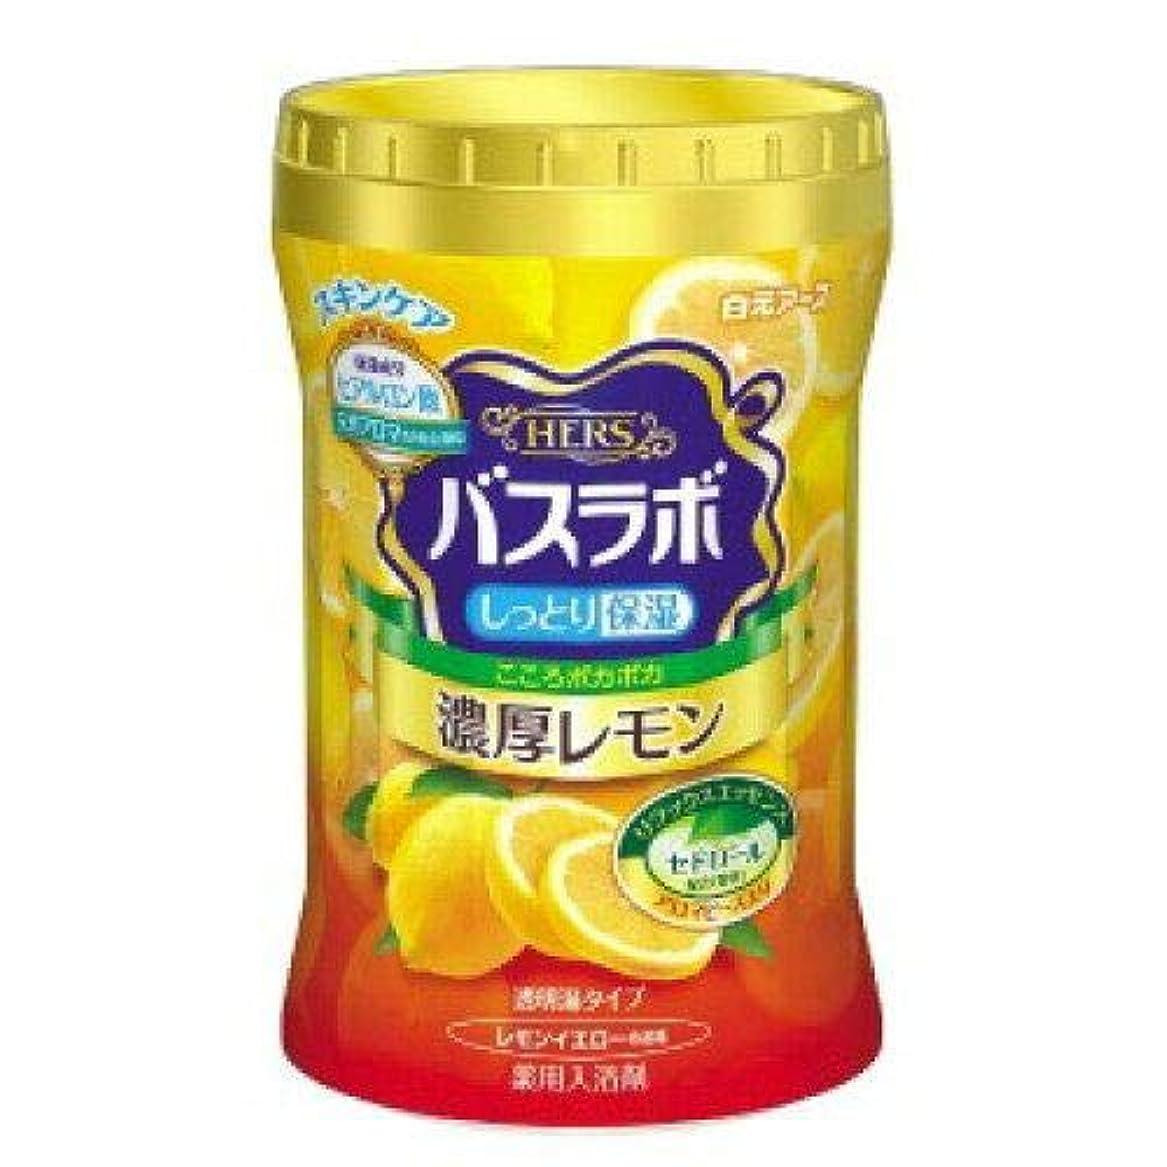 まもなく遮るラボバスラボボトル濃厚レモン640g